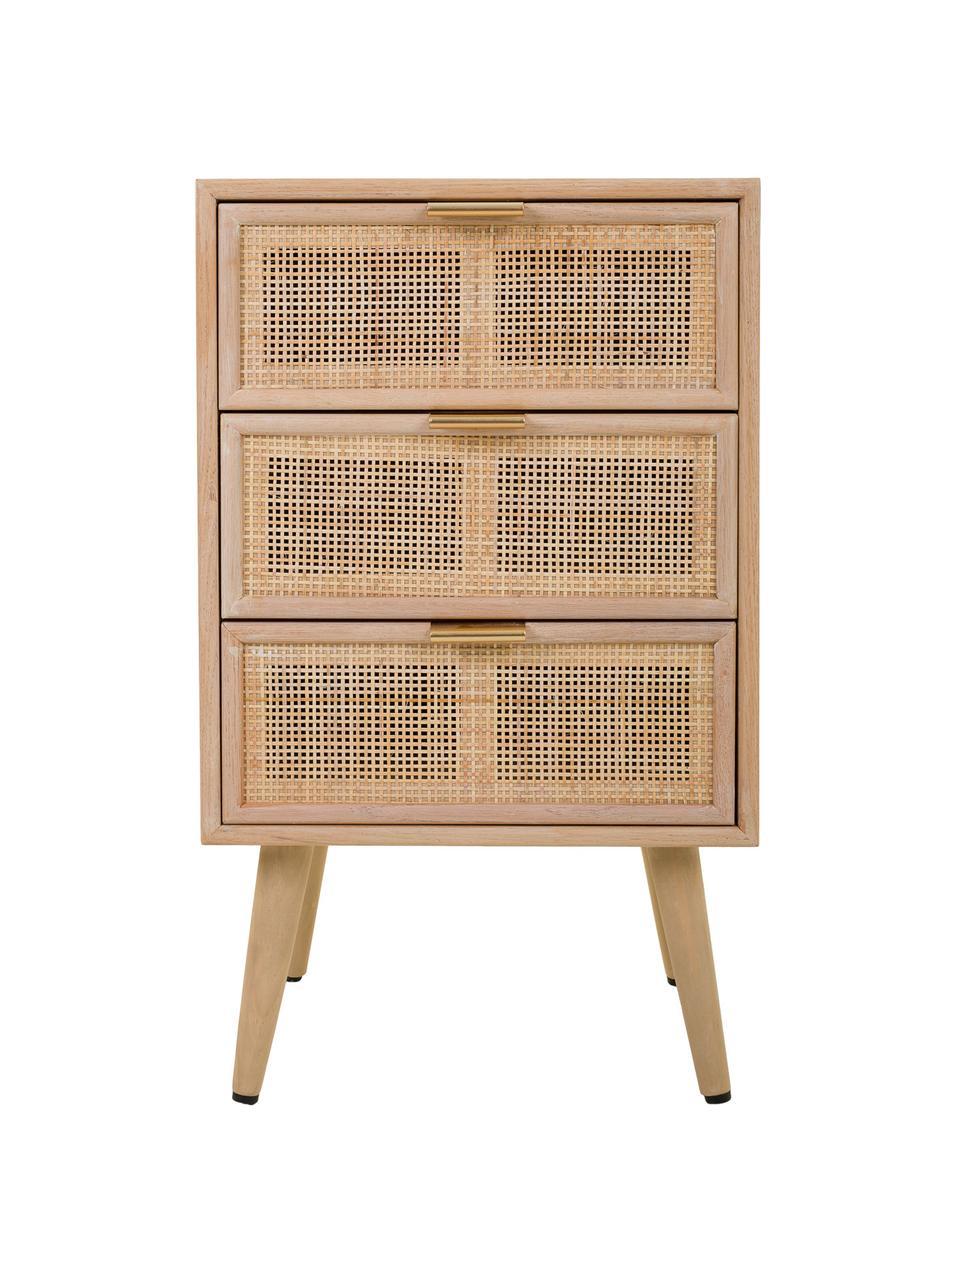 Szafka nocna z drewna Cayetana Shelfy, Korpus: płyta pilśniowa średniej , Nogi: drewno bambusowe, lakiero, Brązowy, S 42 x W 71 cm